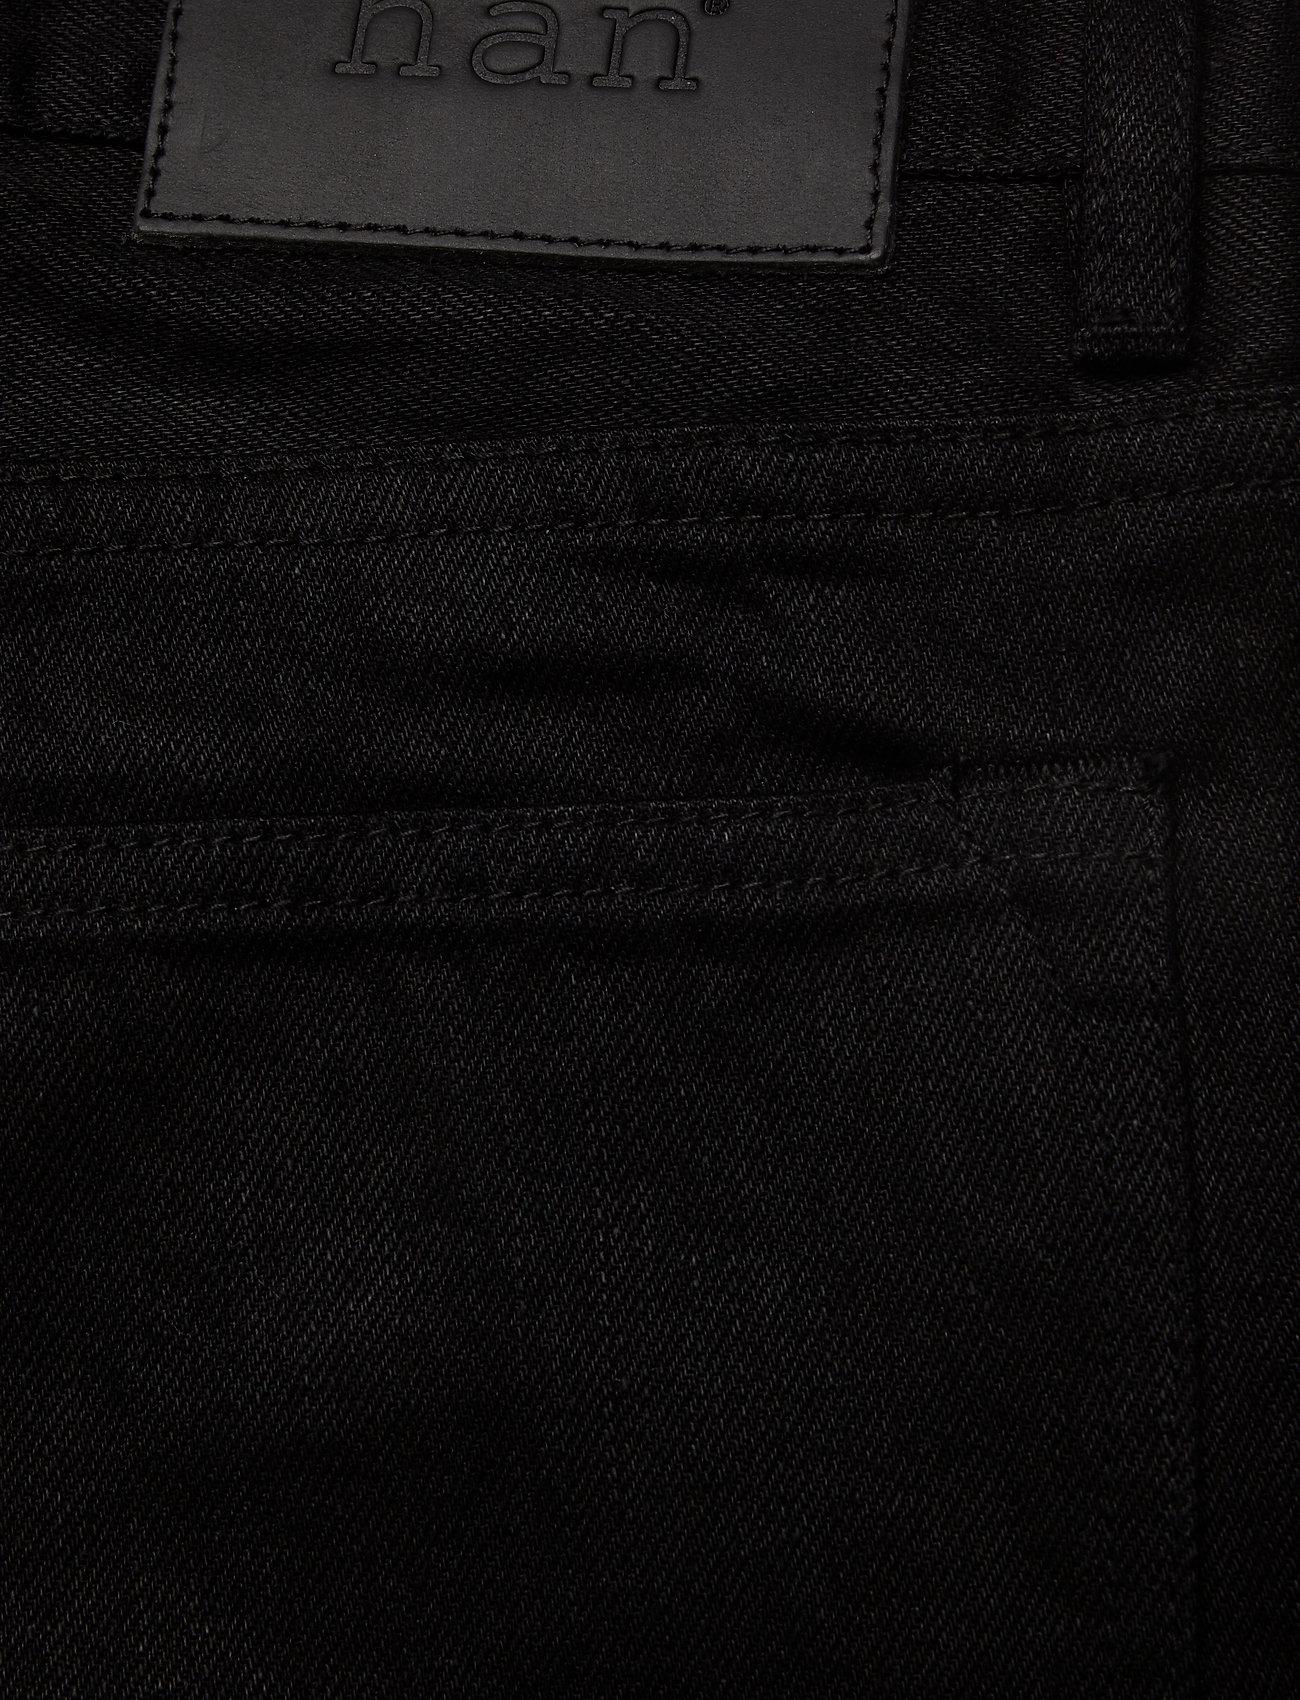 HAN Kjøbenhavn - Tapered Jeans - regular jeans - black black - 4